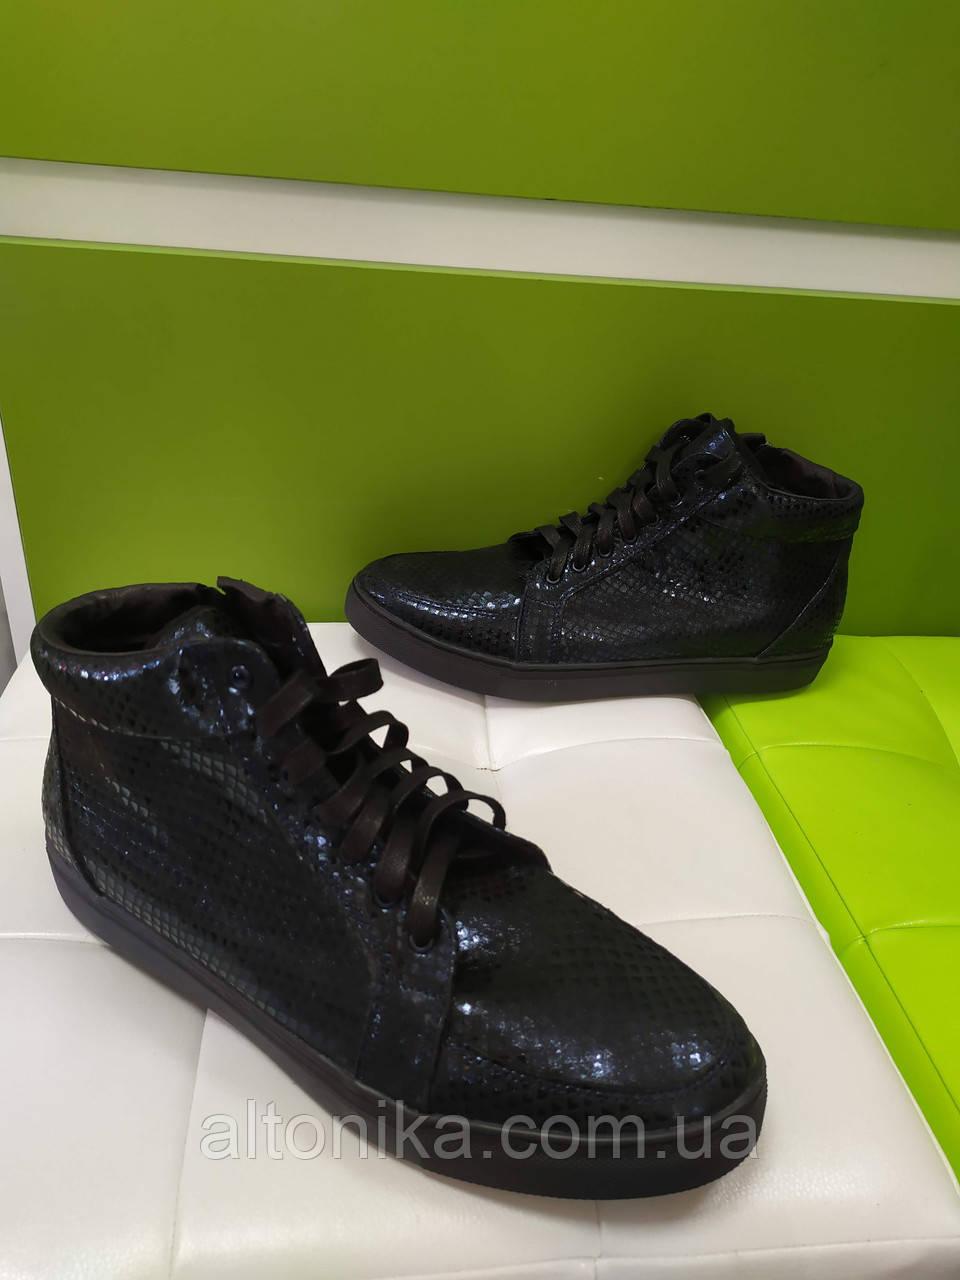 STTOPA деми зима. Размеры 36-44. Ботинки кожаные на широкую ногу больших размеров! С9-37-4044-28-3644 Синие